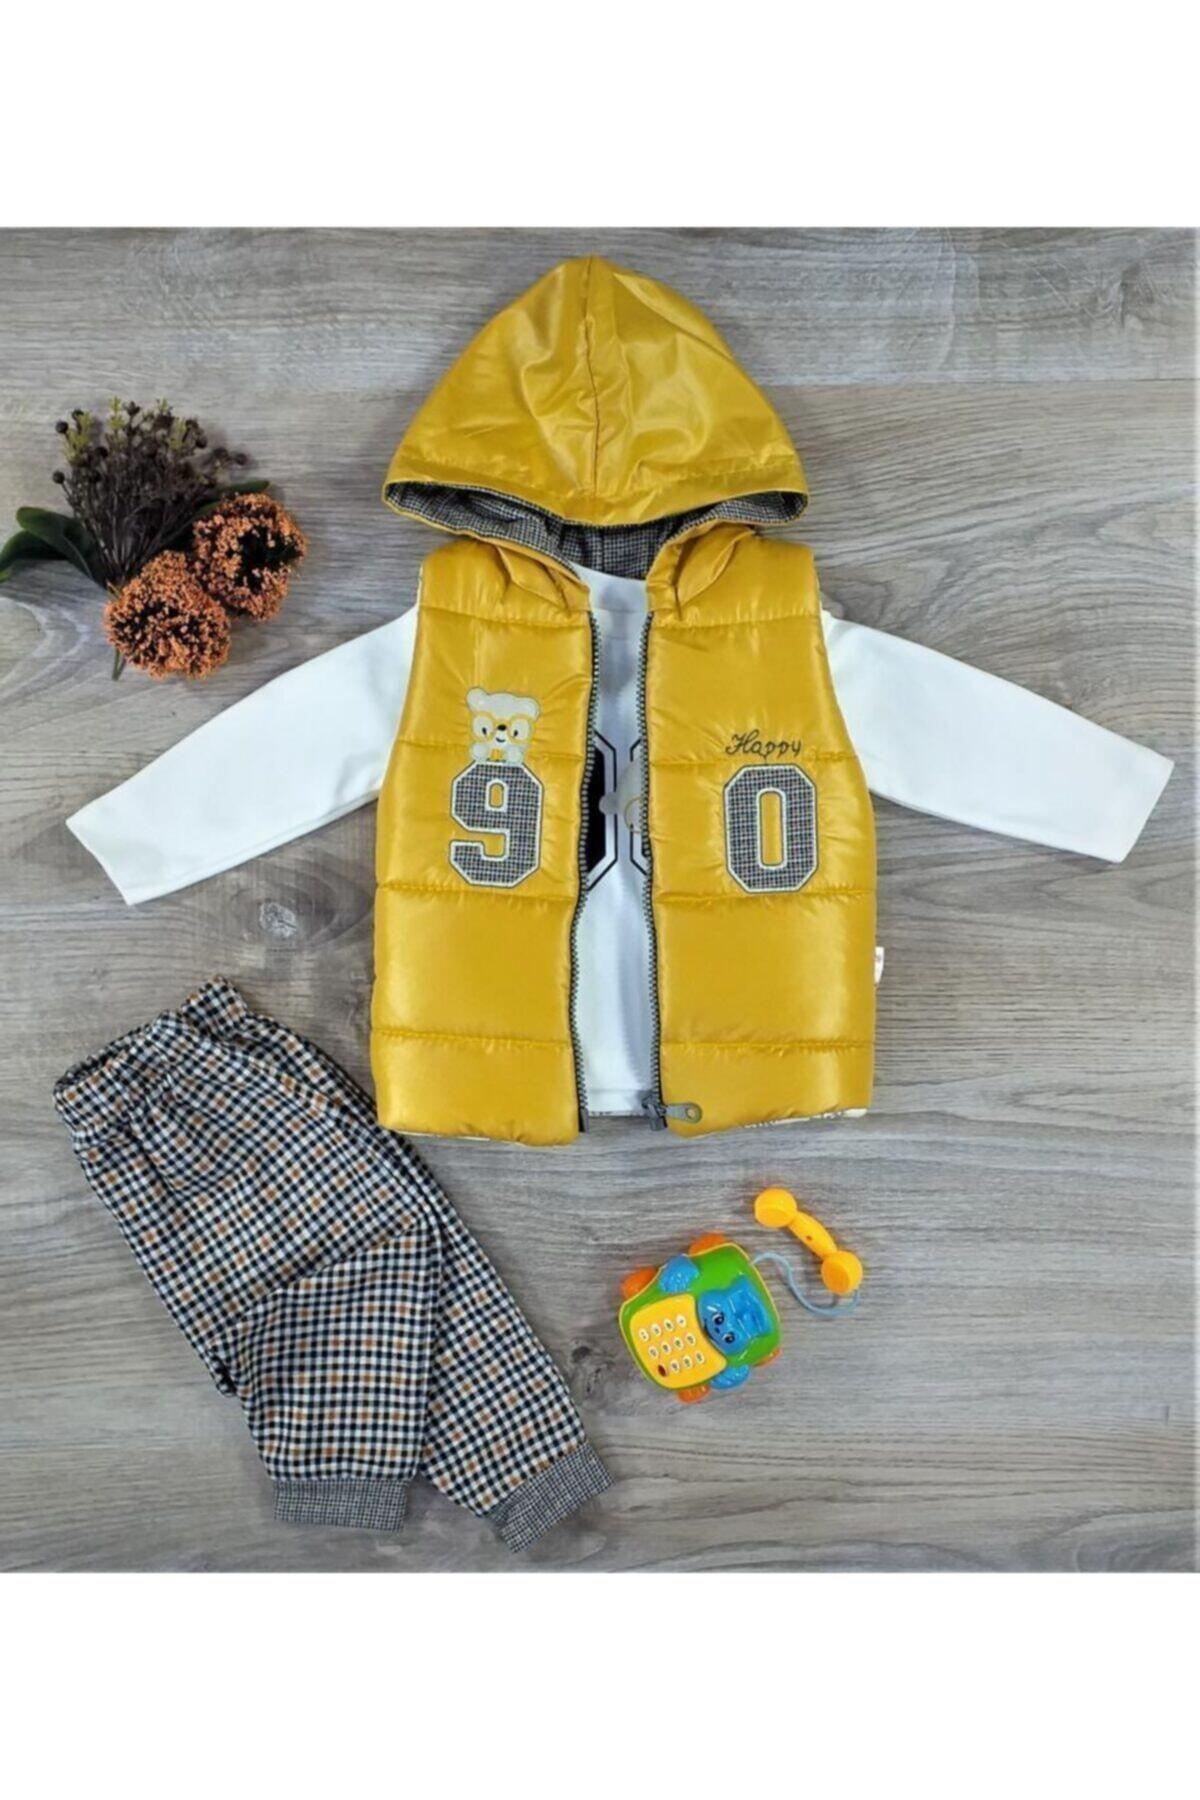 Hippıl Baby Erkek Bebek Çocuk Alt Üst Yelek 3 Parça Takım 6-12-18 Ay 2